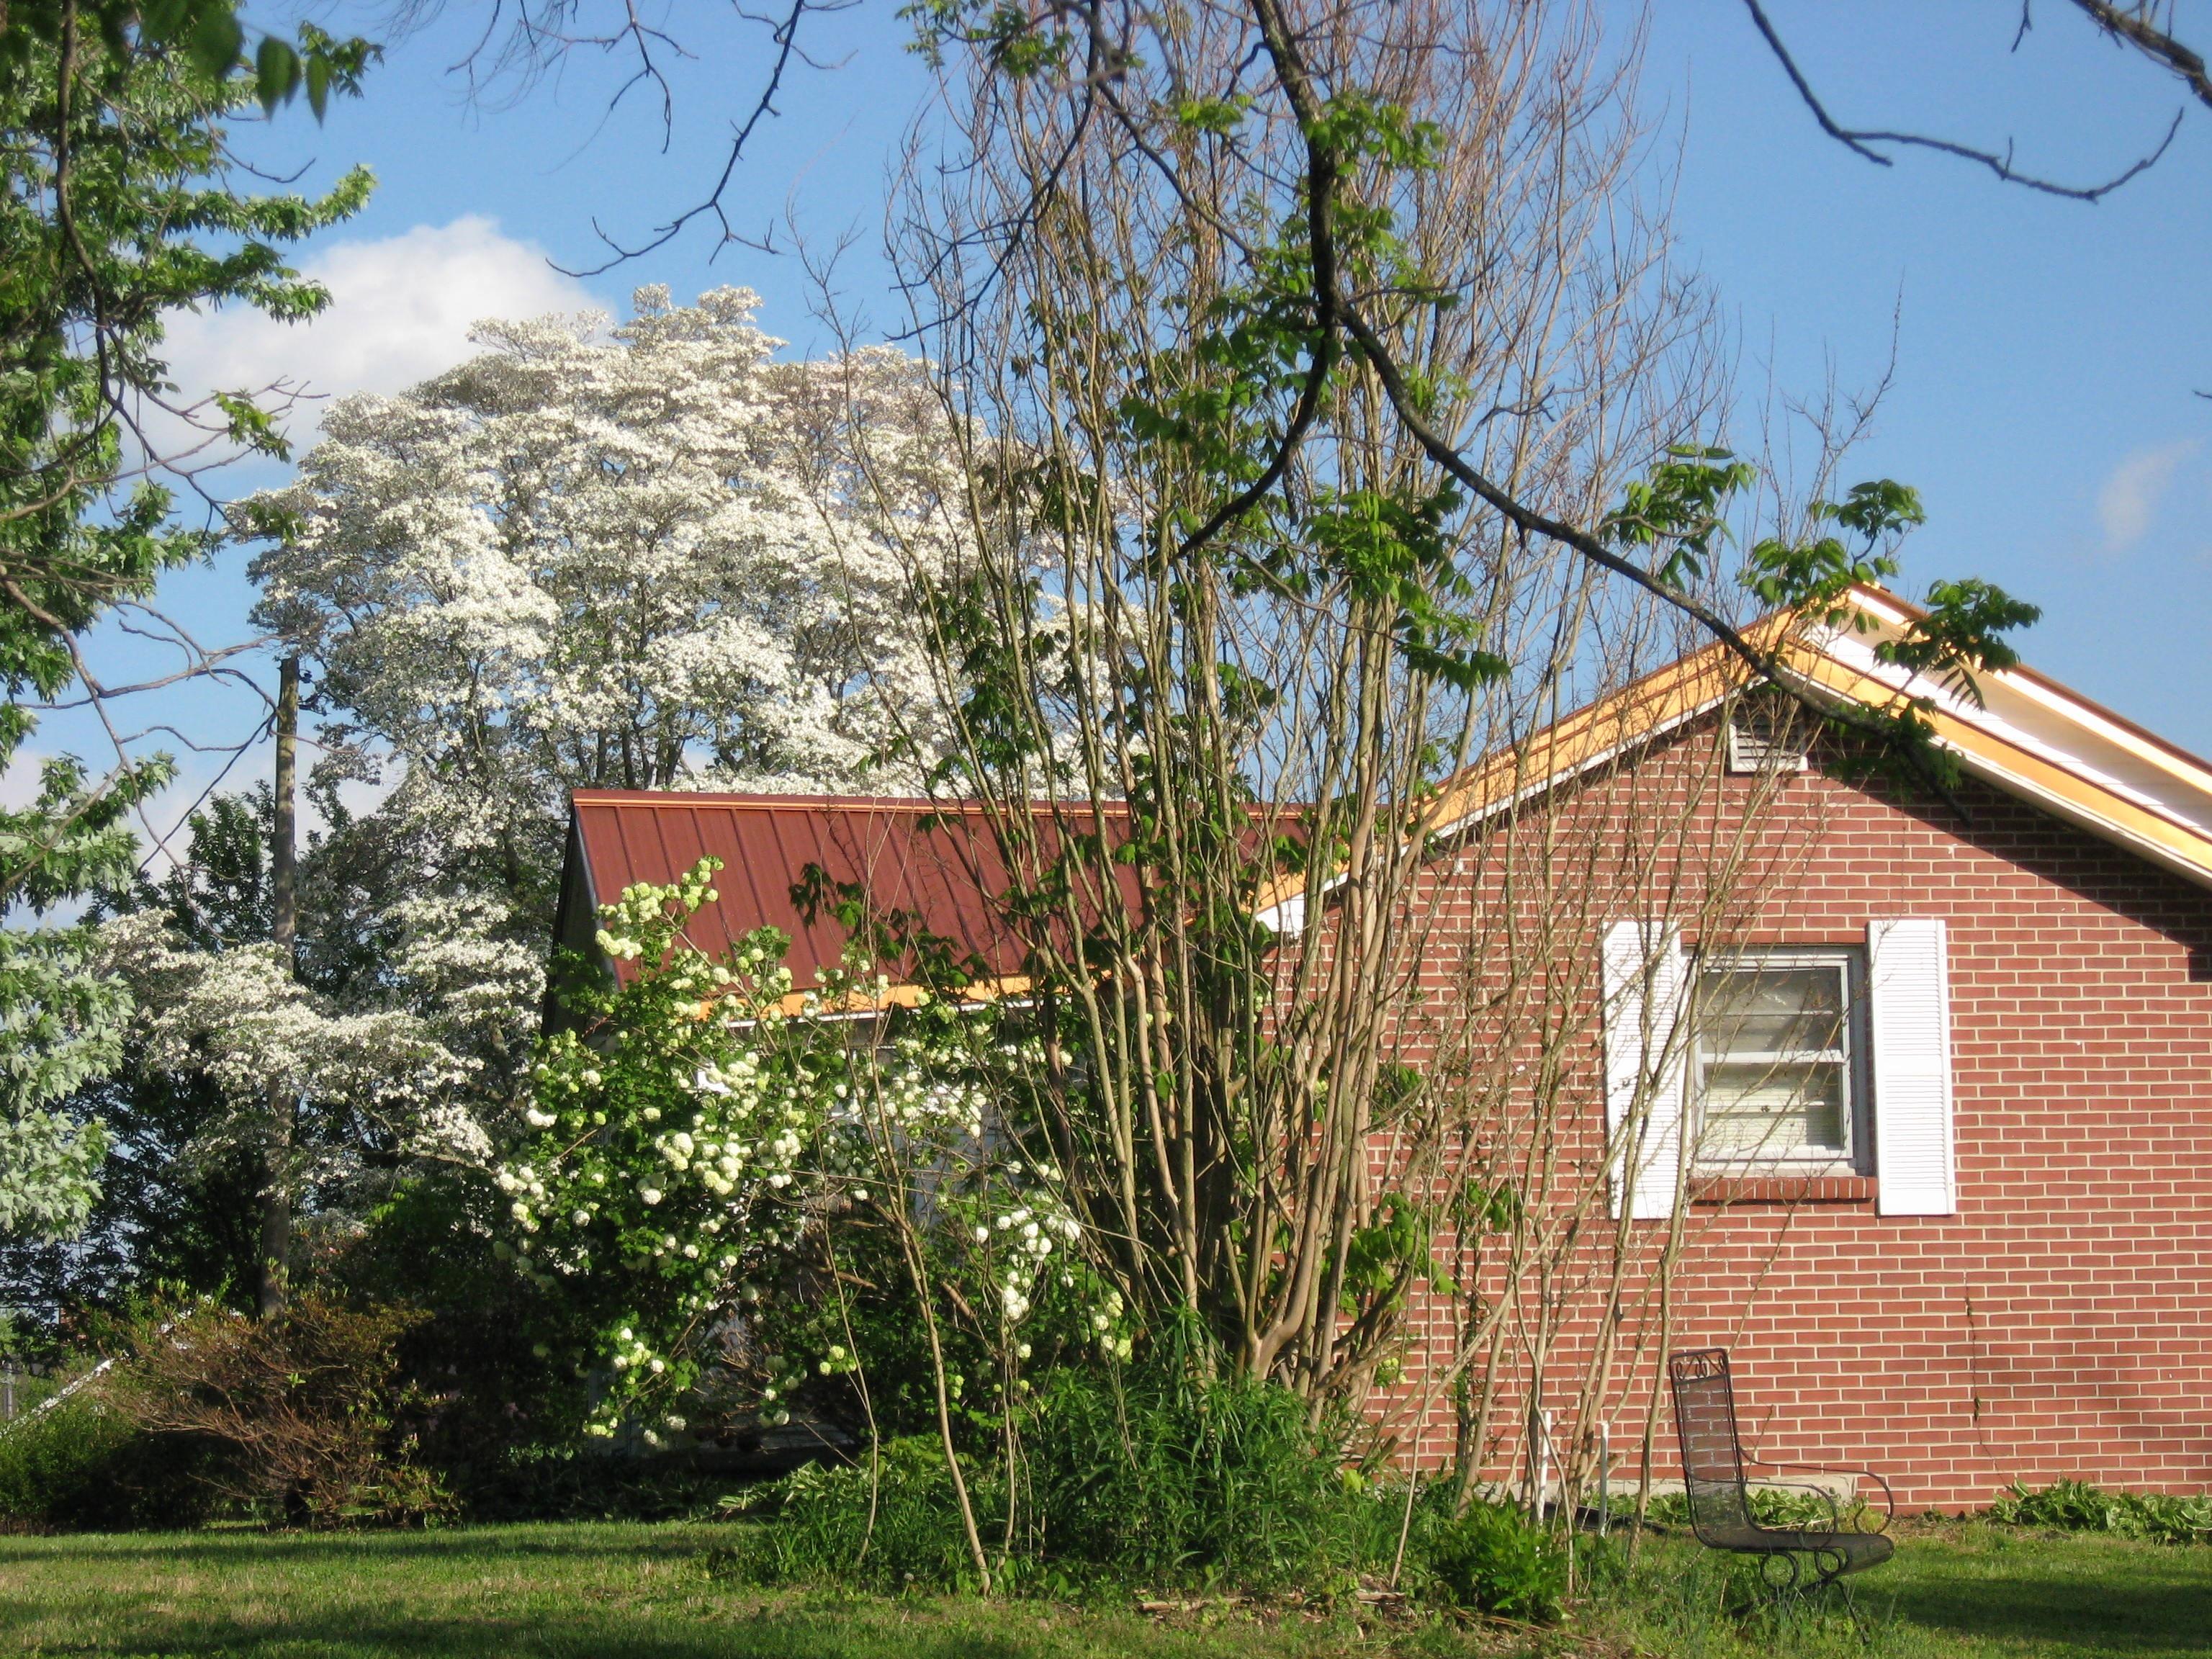 Gambar Pohon Tanah Pertanian Bangunan Desa Pondok Penglihatan Rumah Milik